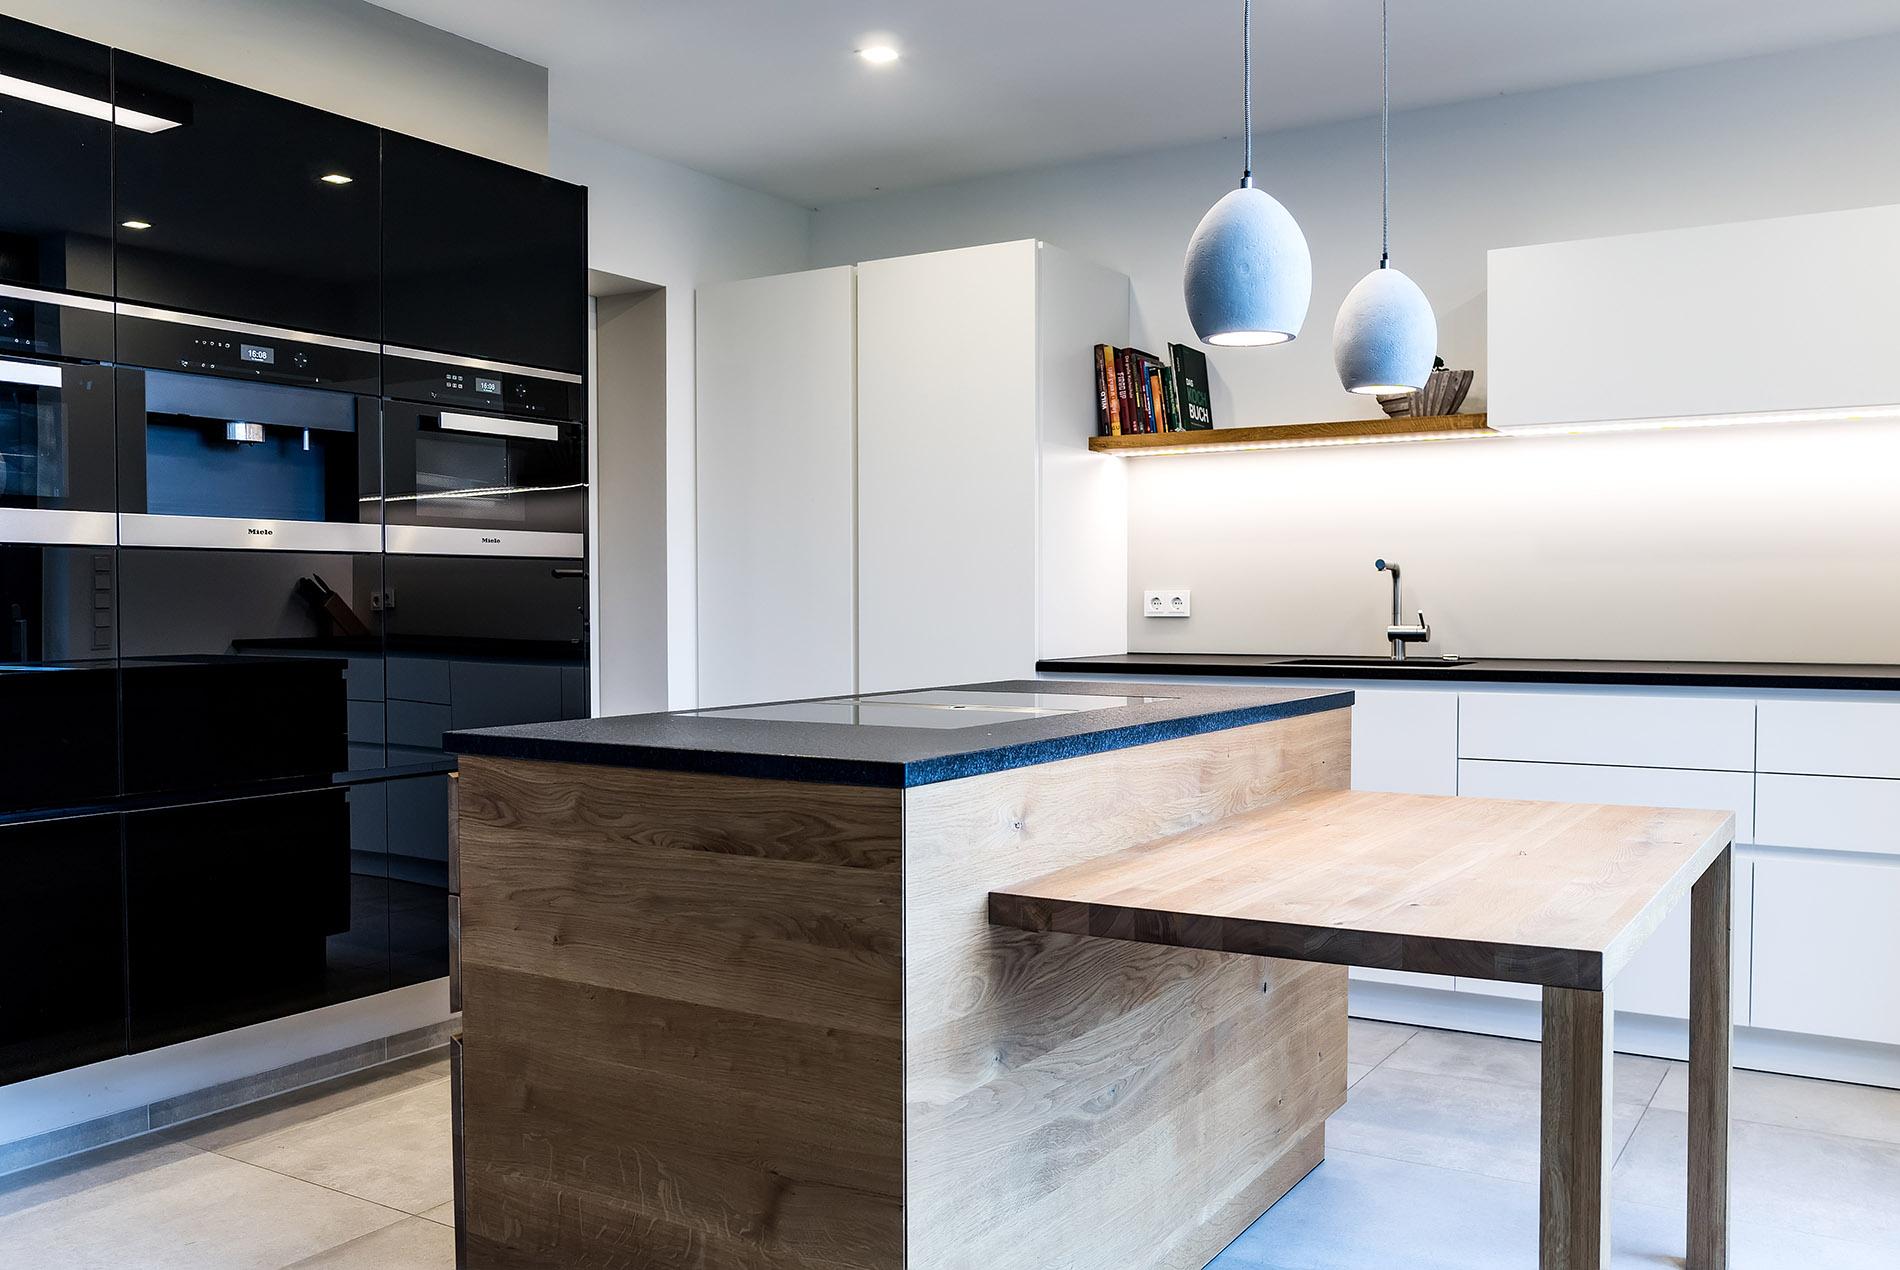 k che esszimmer tischlerei sch pker holz wohn form gmbh co kg. Black Bedroom Furniture Sets. Home Design Ideas